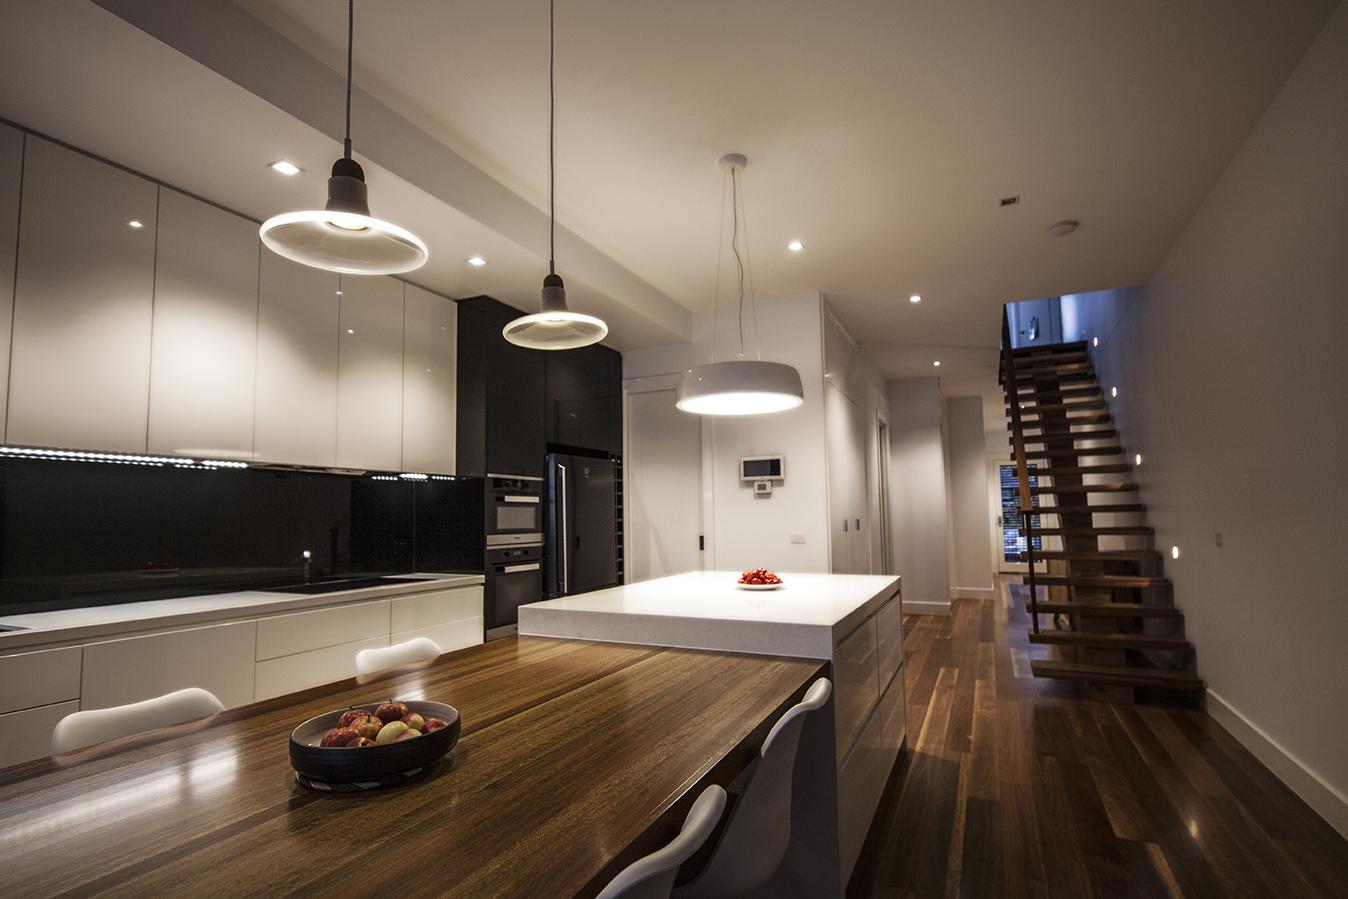 Kitchen, Dining Interior.